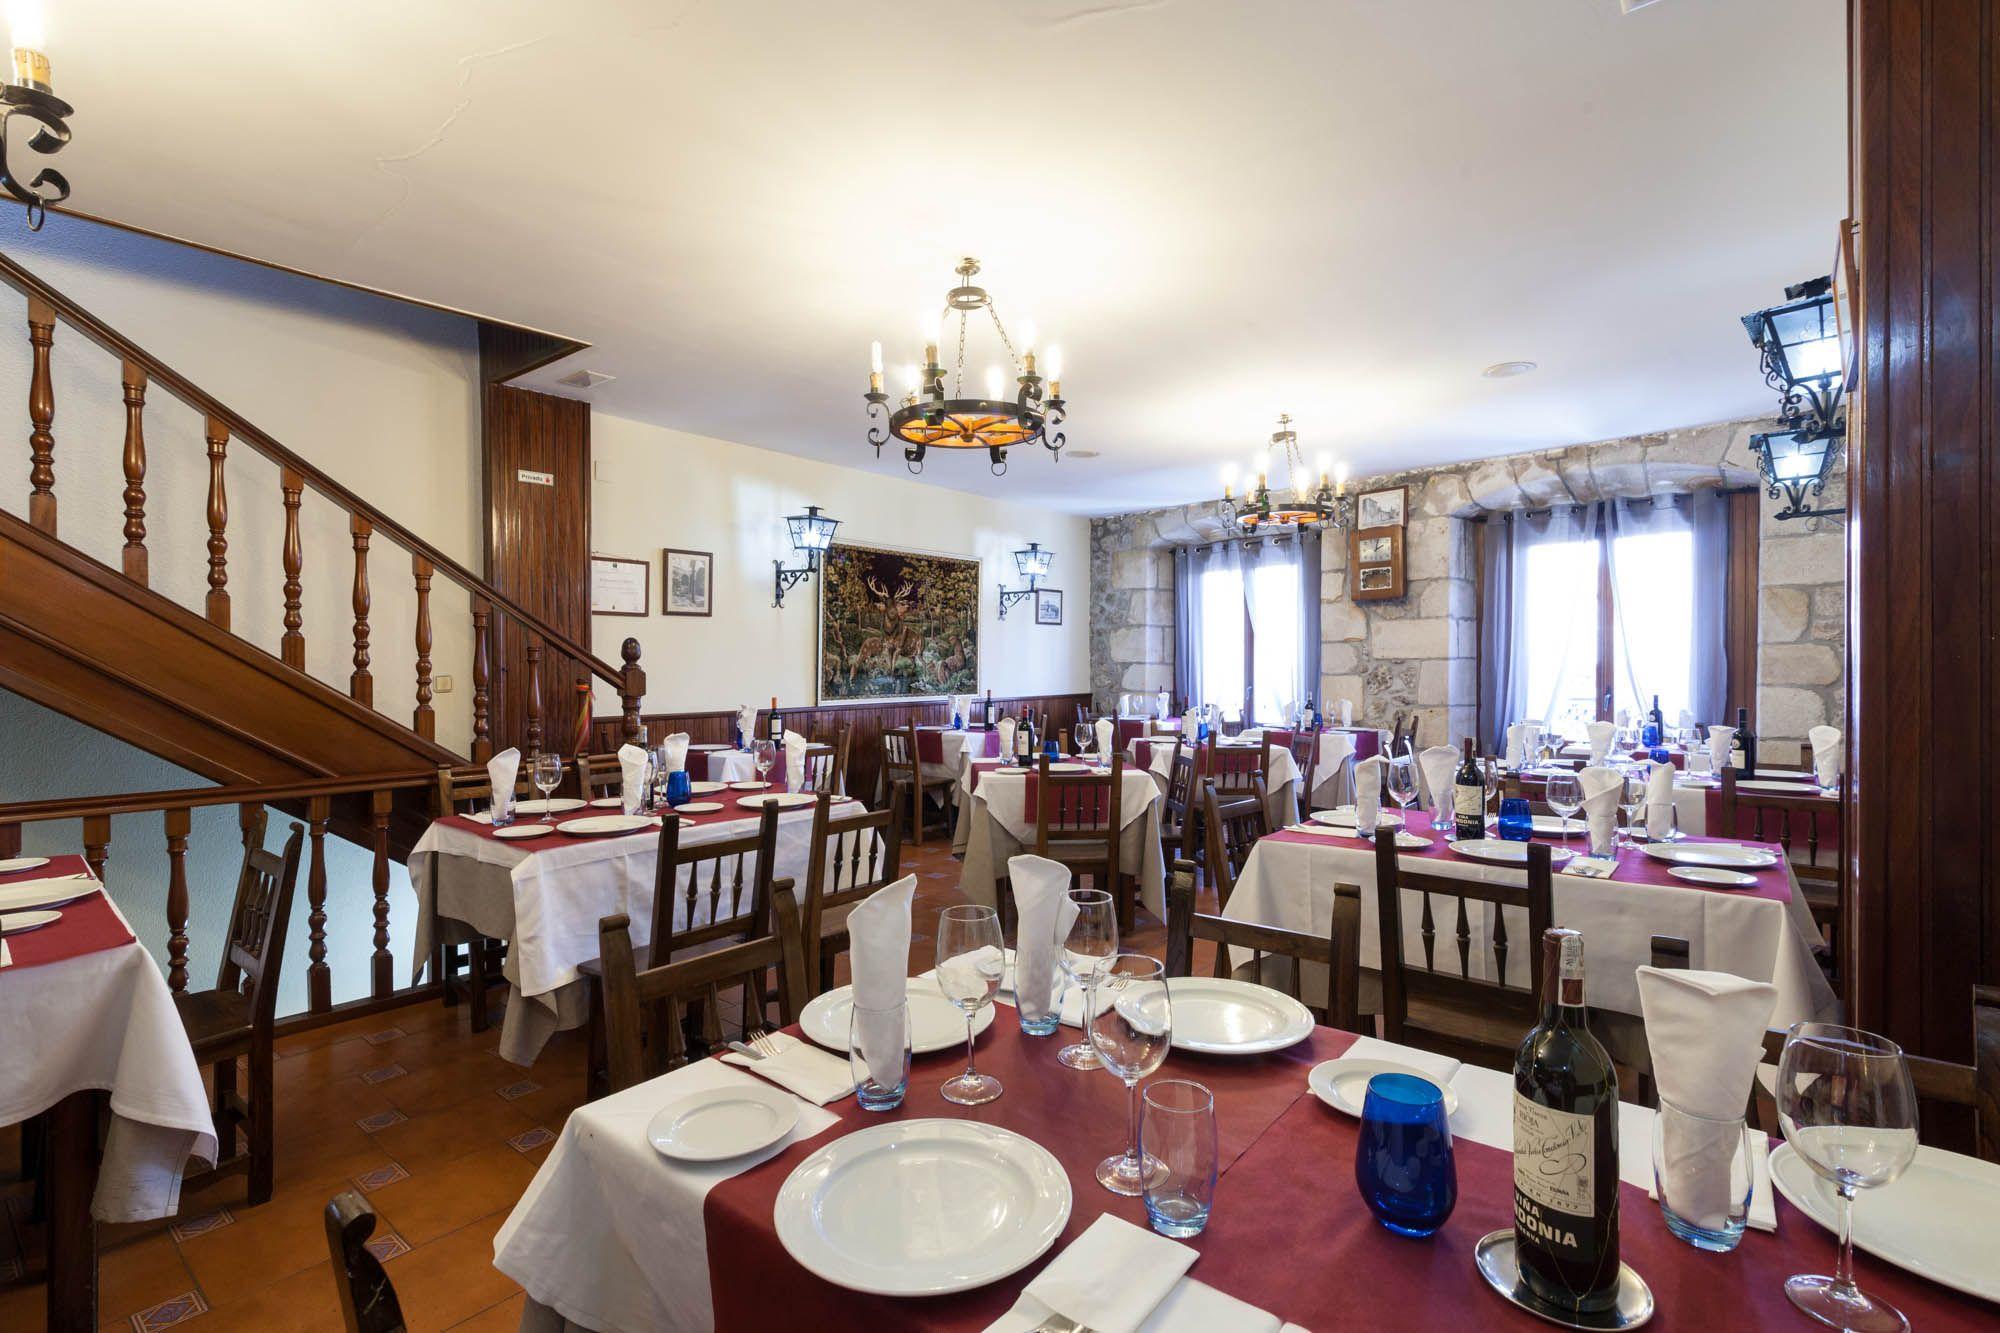 Salón del restaurante en Laredo